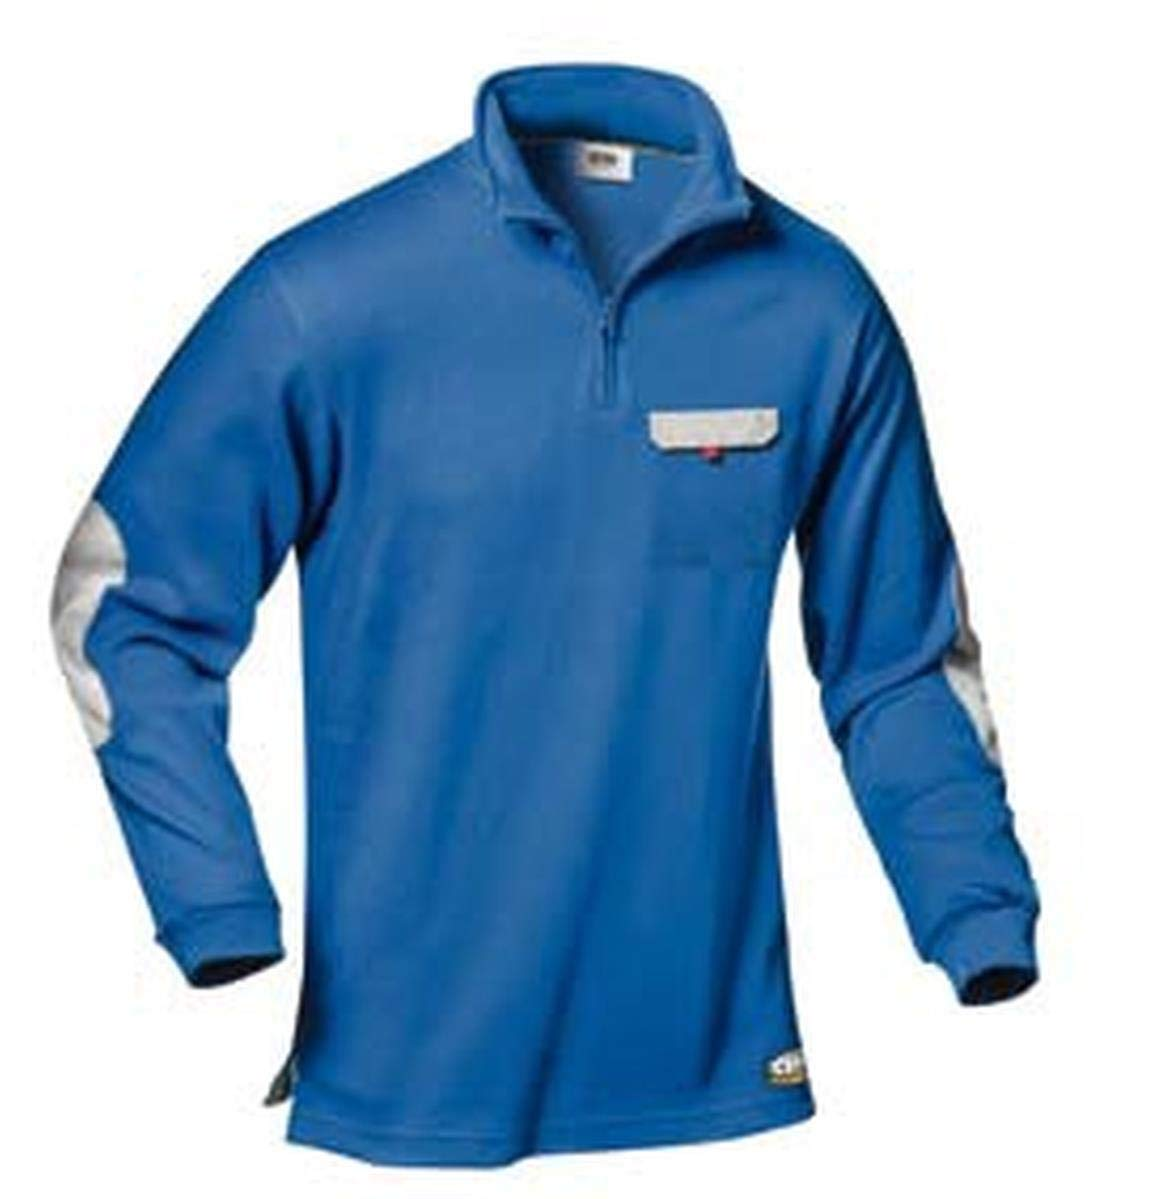 Polo Zara (azul rey/gris) XXL: Amazon.es: Industria, empresas y ...